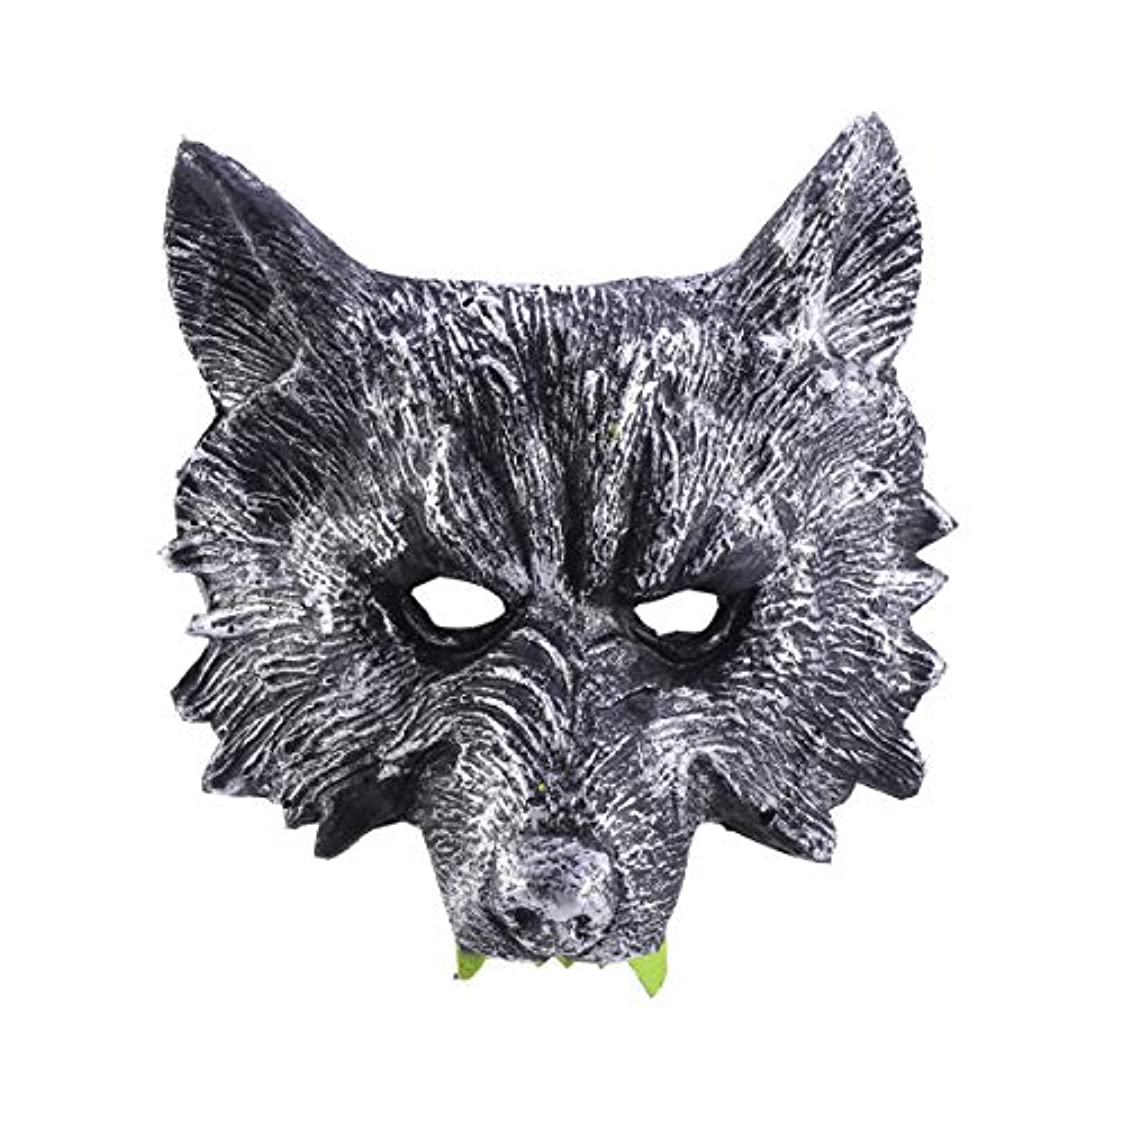 斧百半島Toyvian ハロウィーン仮装パーティーのための灰色オオカミマスク